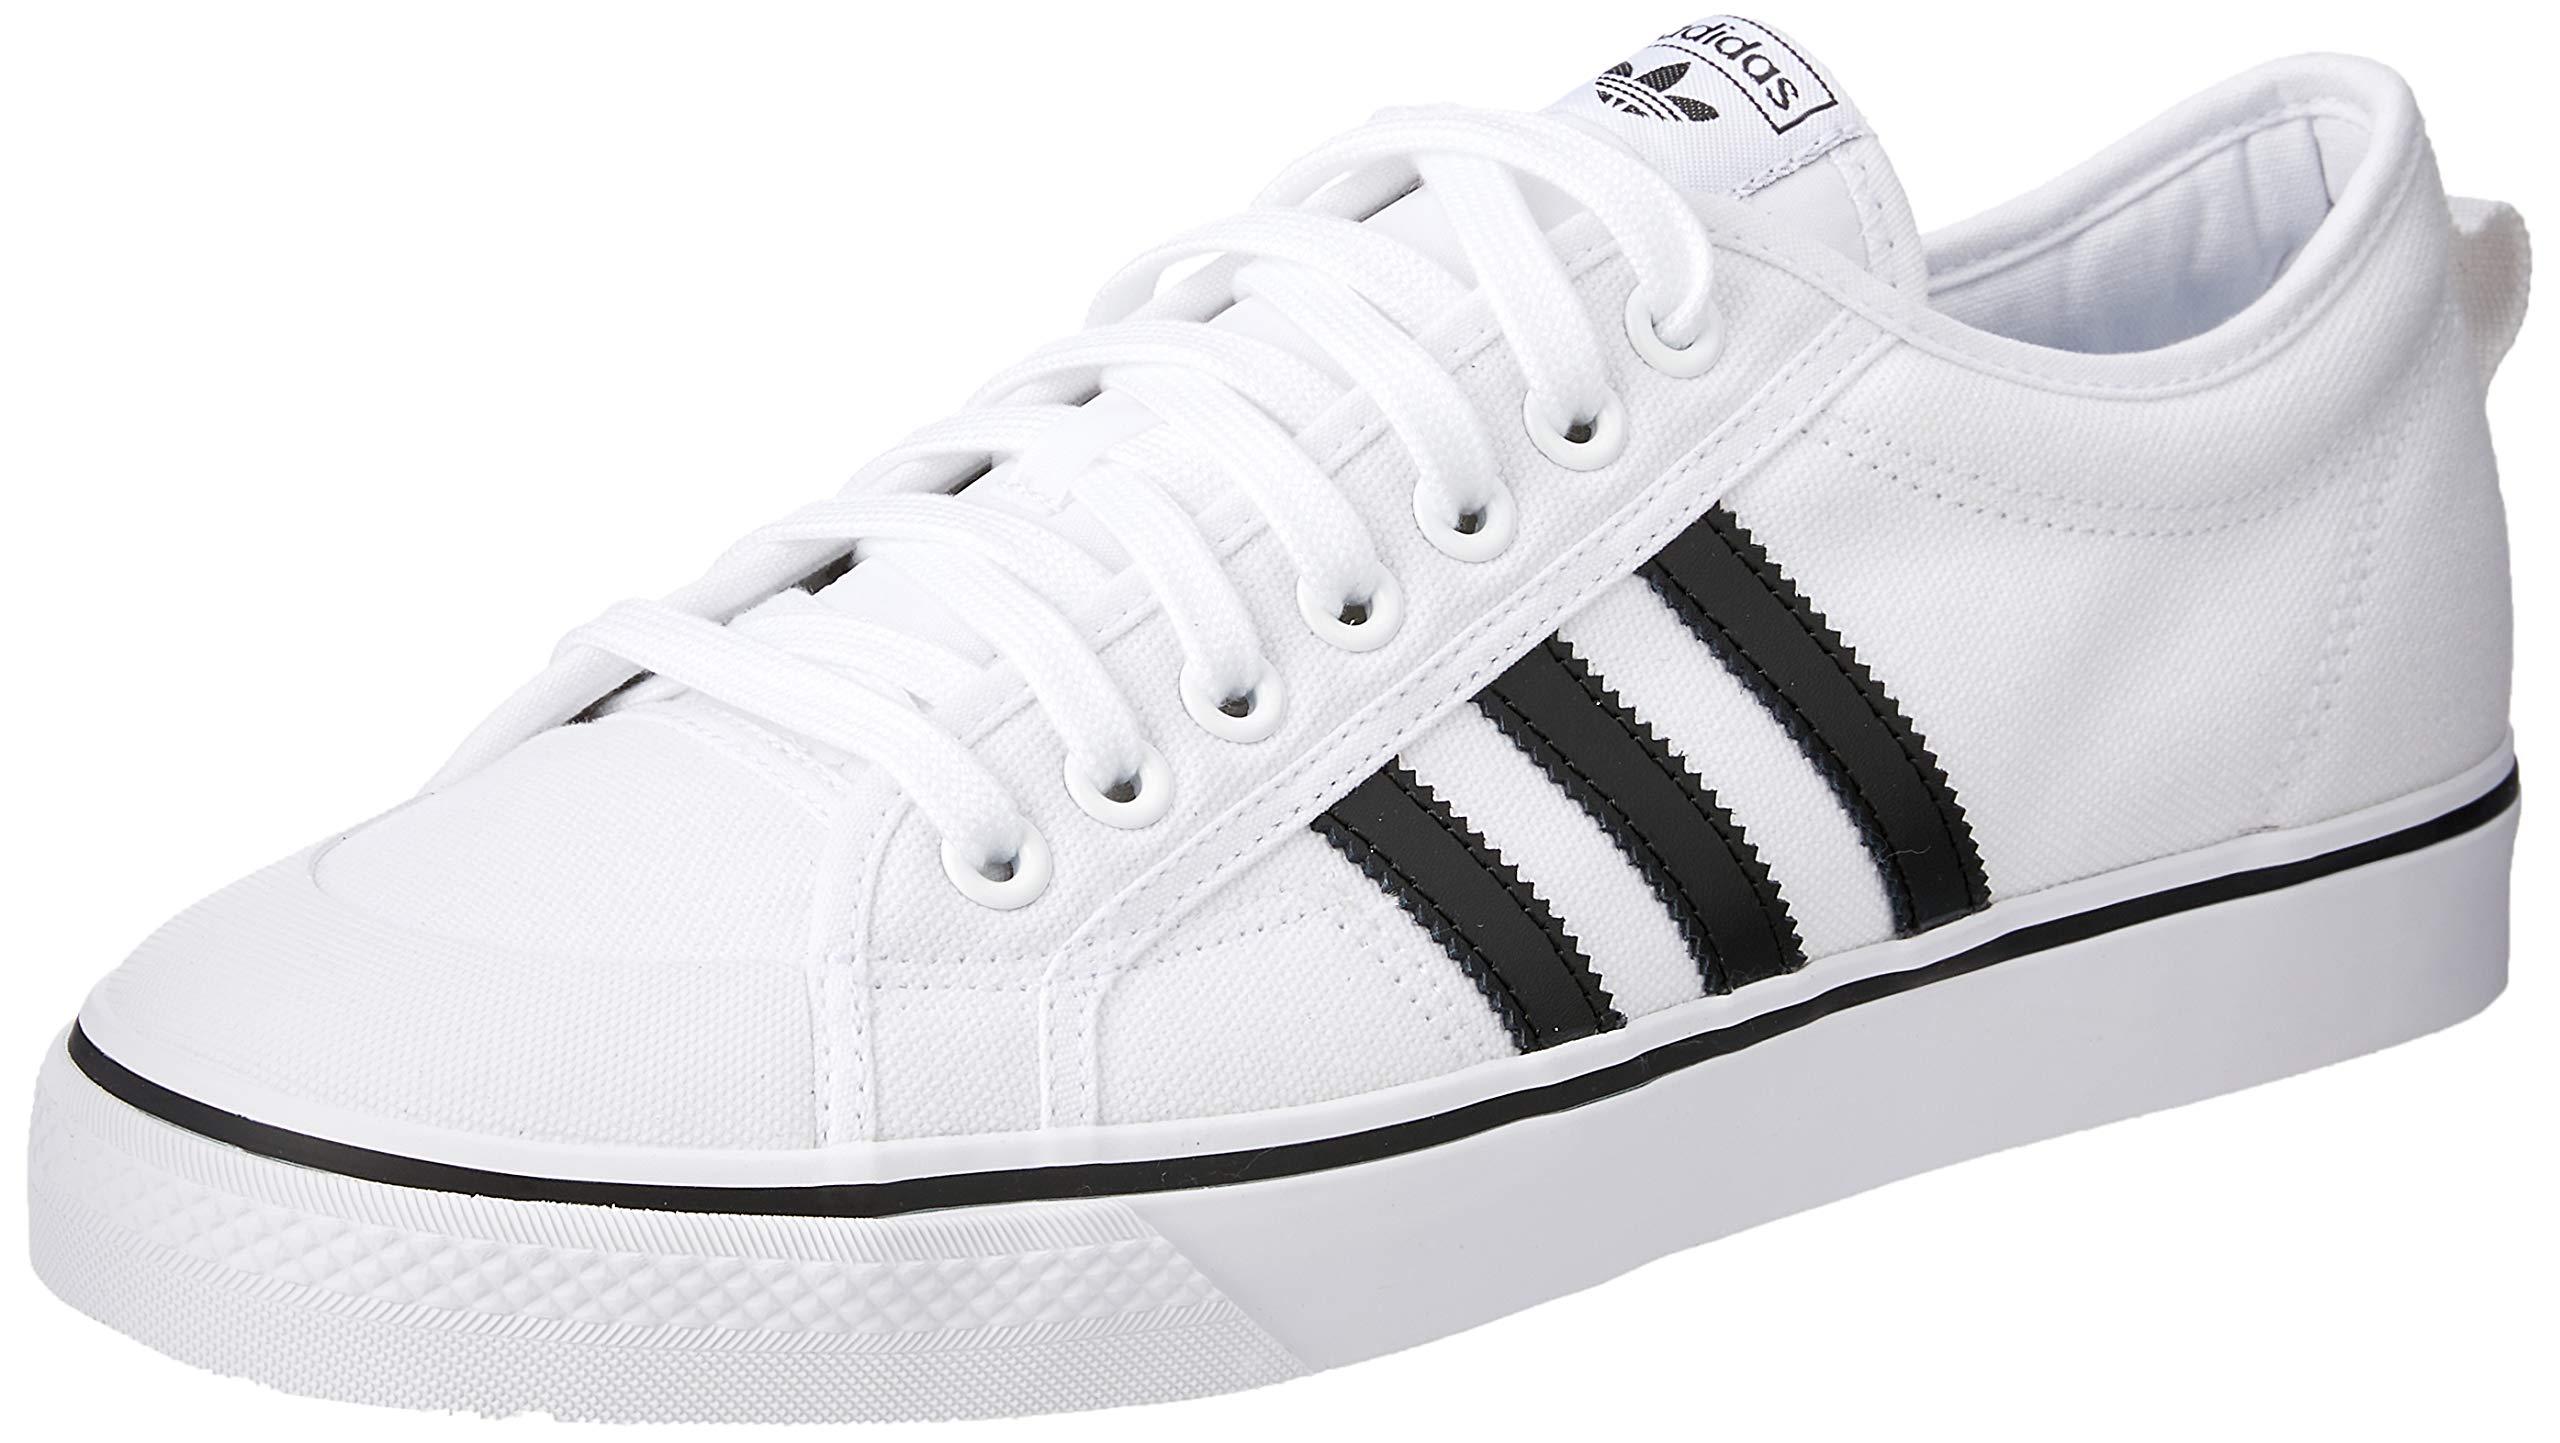 adidas Originals Nizza Shoes 13 D(M) US White Black